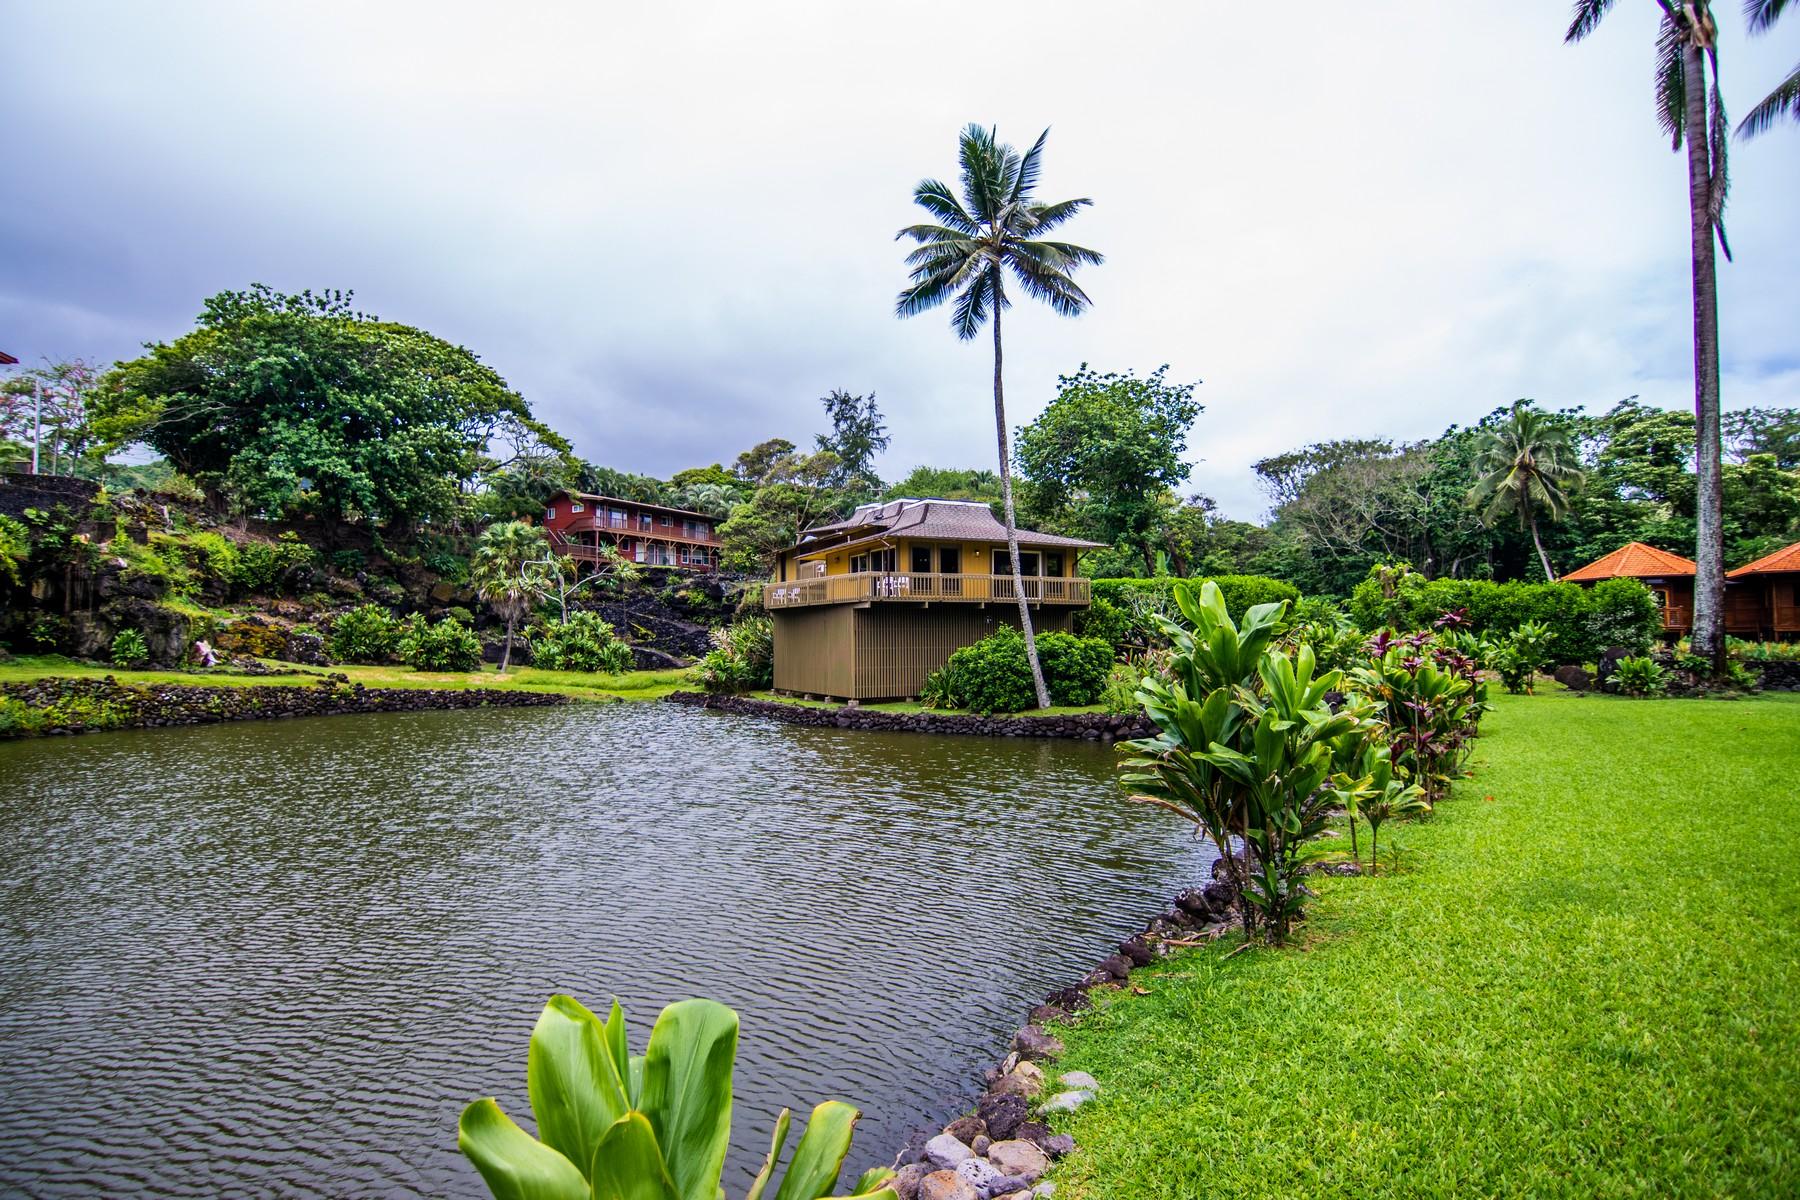 Single Family Homes för Försäljning vid Tropical Waikoloa Bay Beautifully Appointed Residence - Hana, Maui 134 Waikoloa Rd, Hana, Hawaii 96713 Förenta staterna